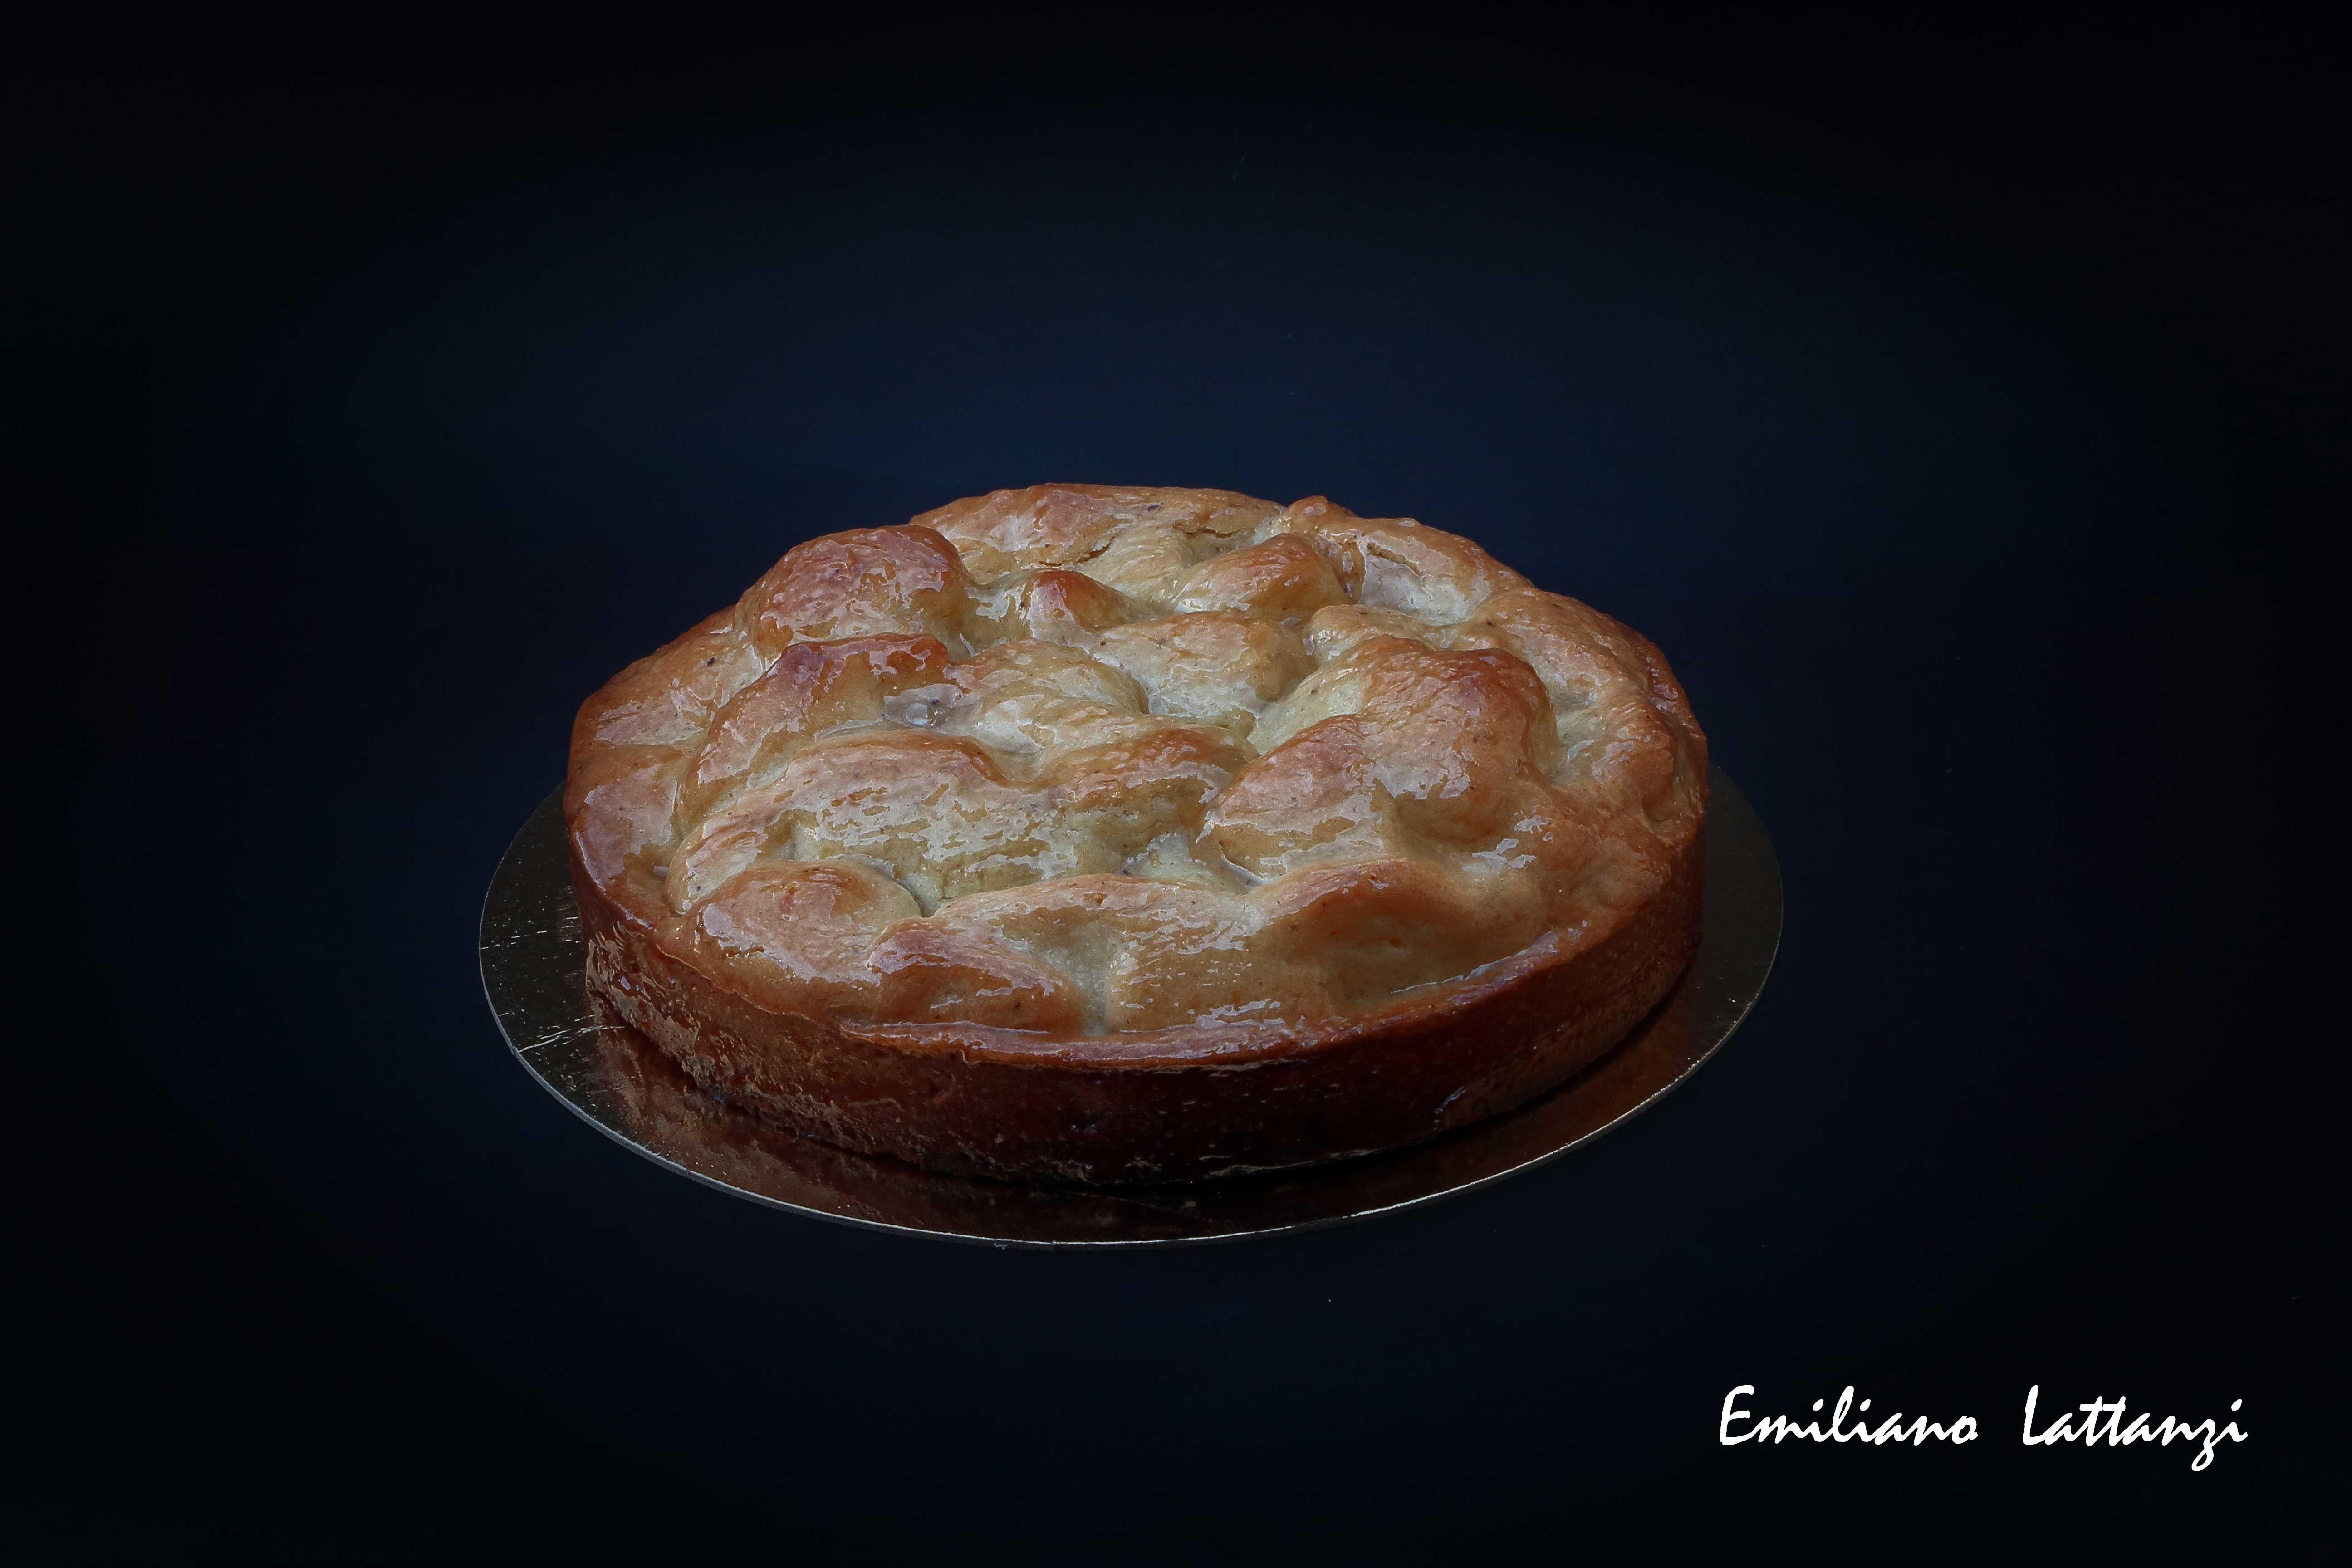 Cuor di mela - Davide Comaschi  Pasta frolla alla mandorla  Pan di spagna bagnato al limoncello  Mele con vaniglia e limoncello Pasta frolla alla mandorla